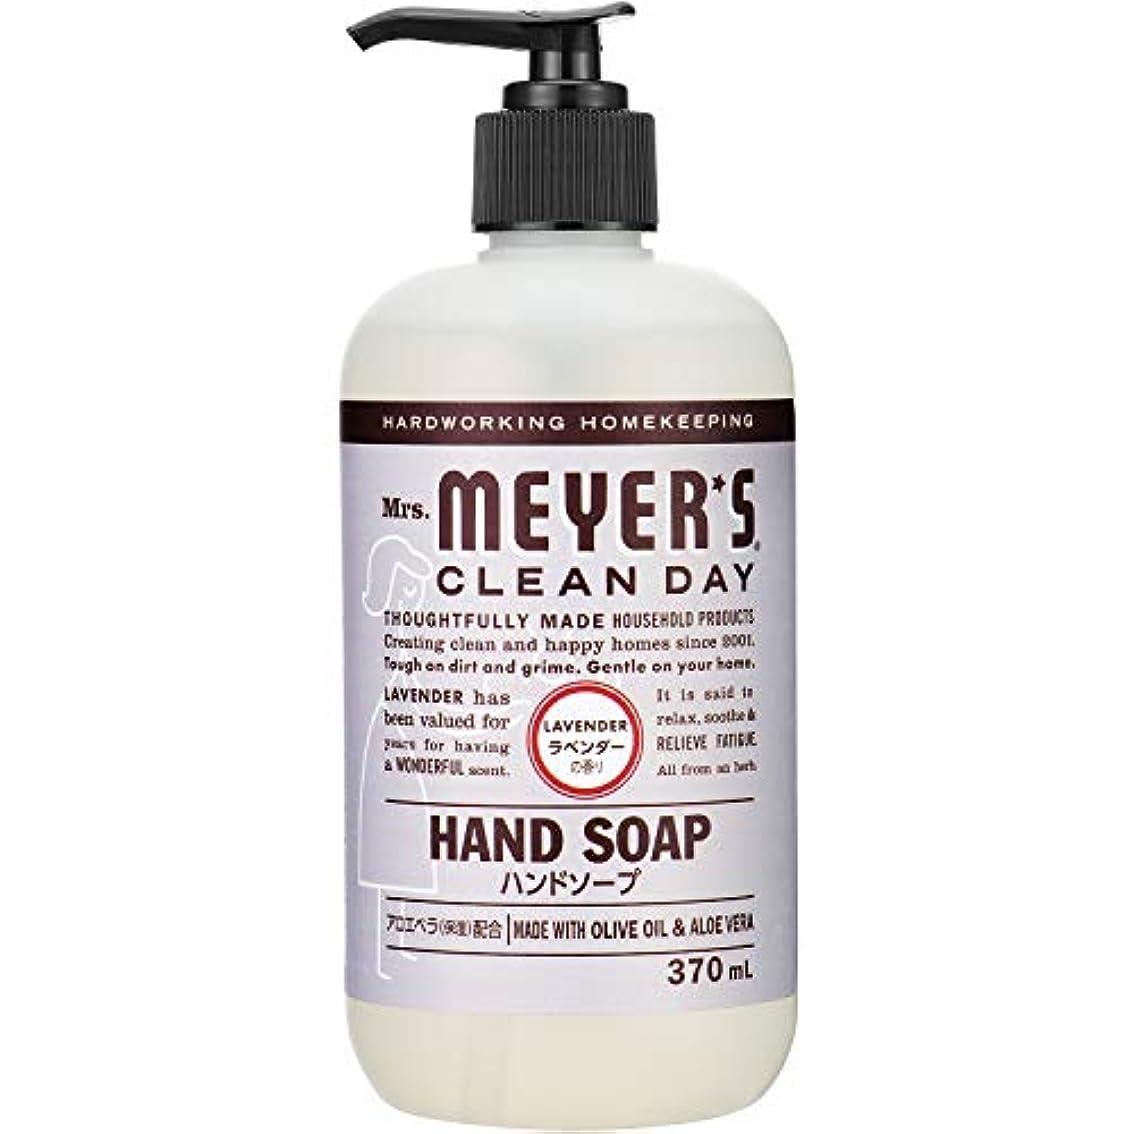 ヒロイック呼吸する登山家Mrs. MEYER'S CLEAN DAY(ミセスマイヤーズ クリーンデイ) ミセスマイヤーズ クリーンデイ(Mrs.Meyers Clean Day) ハンドソープ ラベンダーの香り 370ml